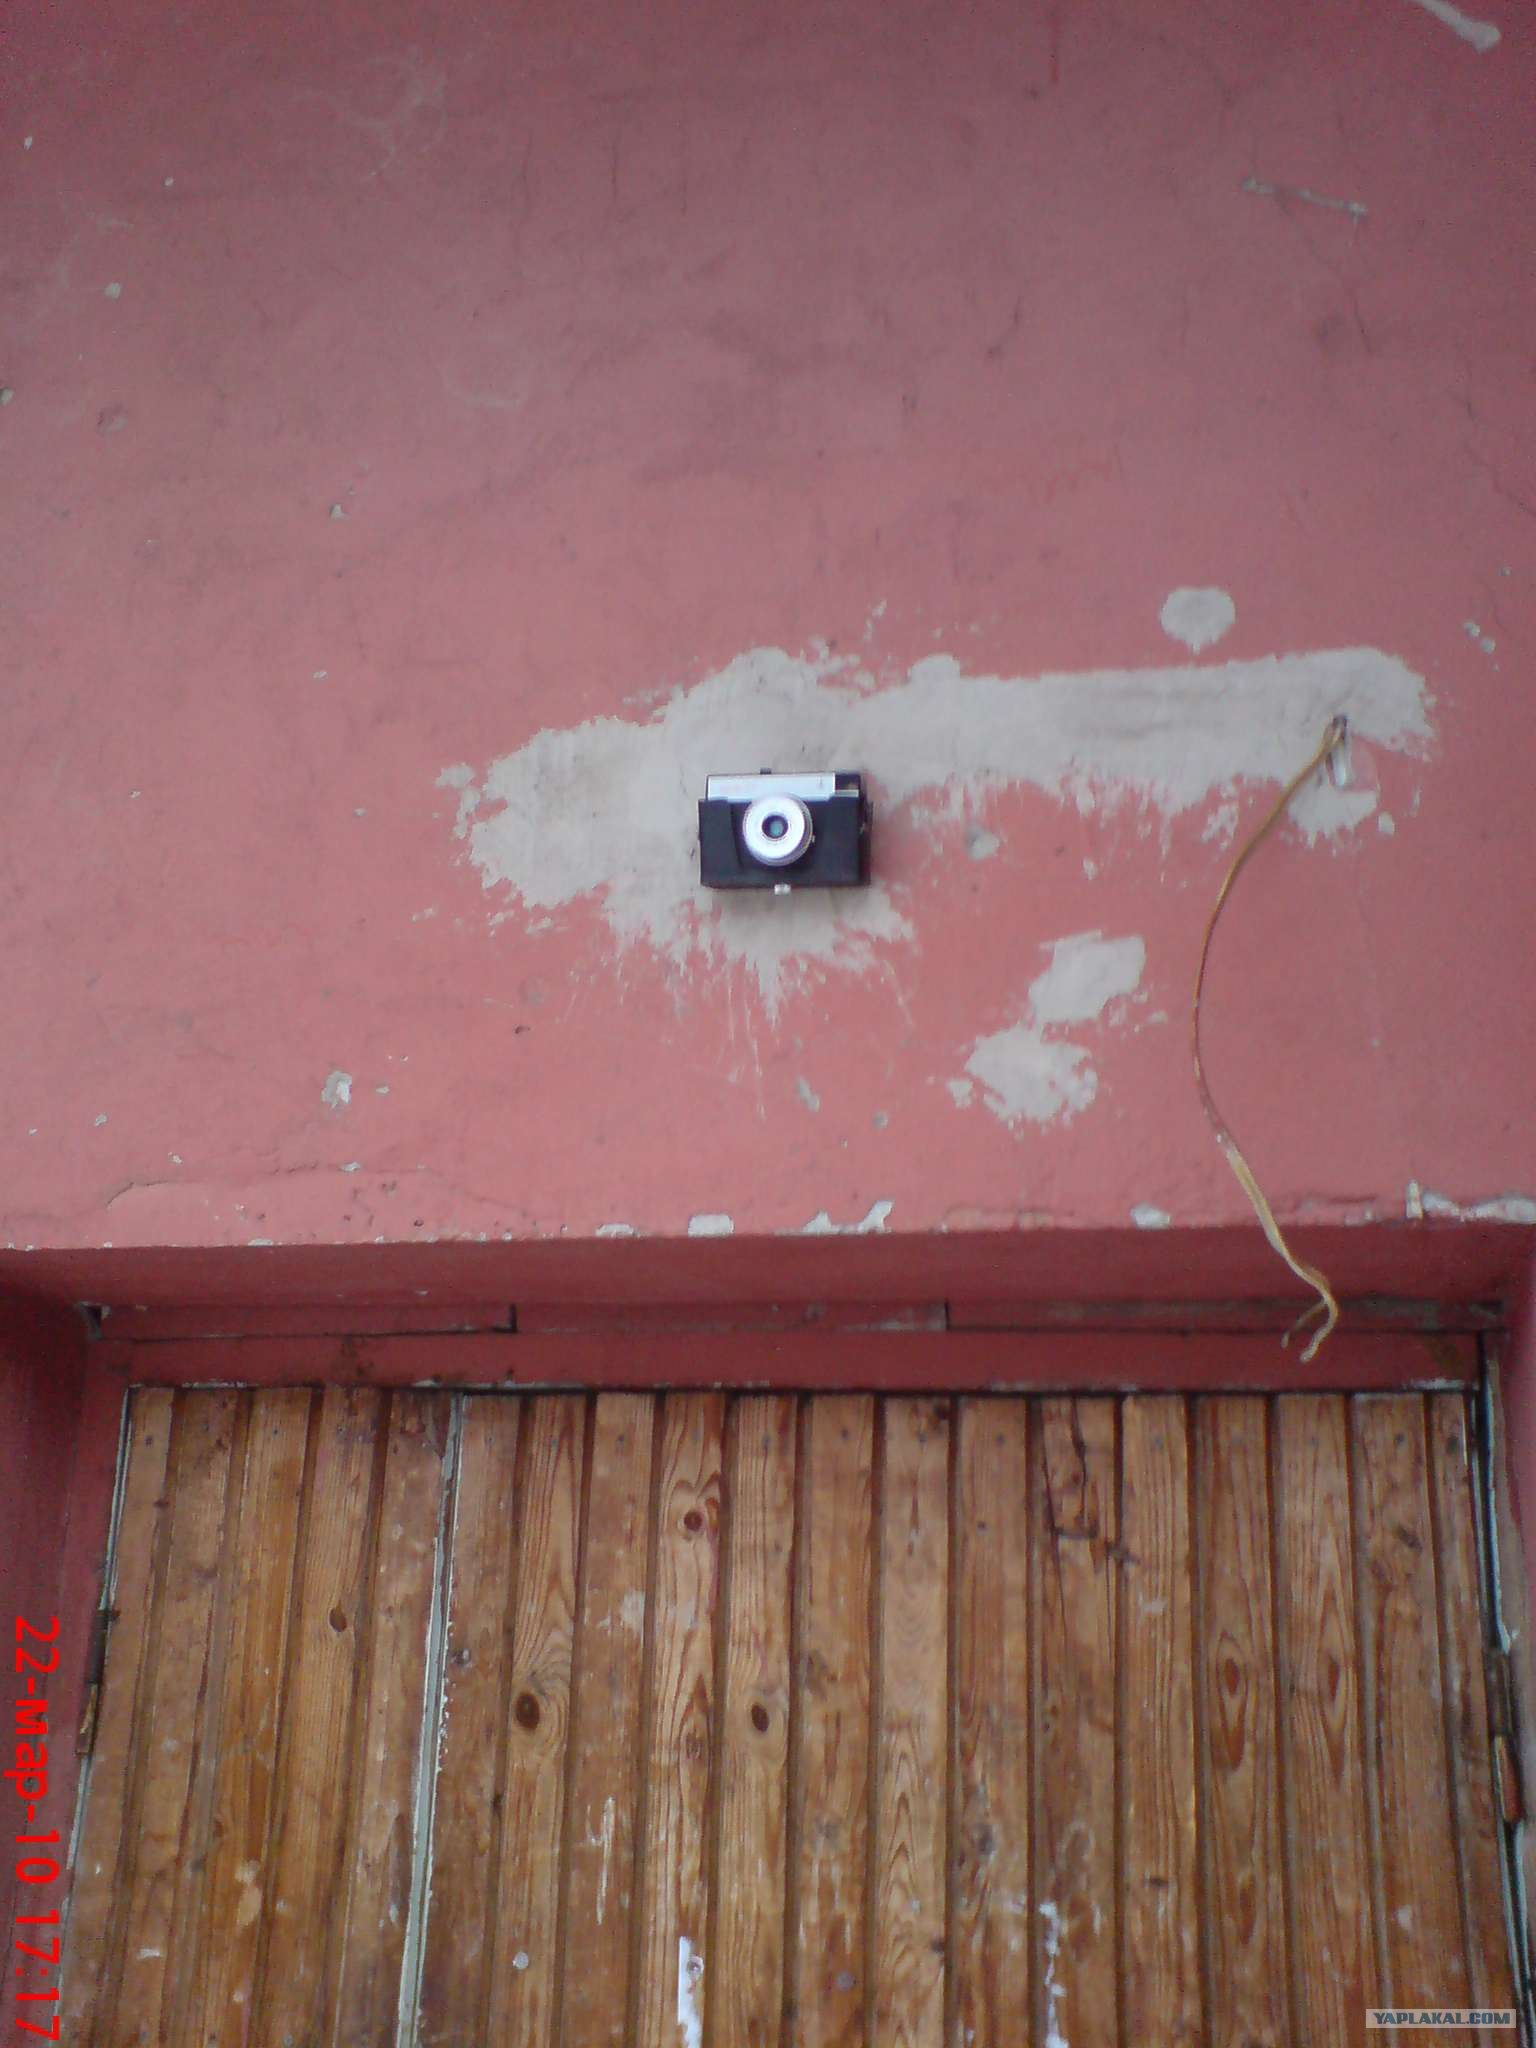 Прикольные картинки про видеонаблюдение, жизни